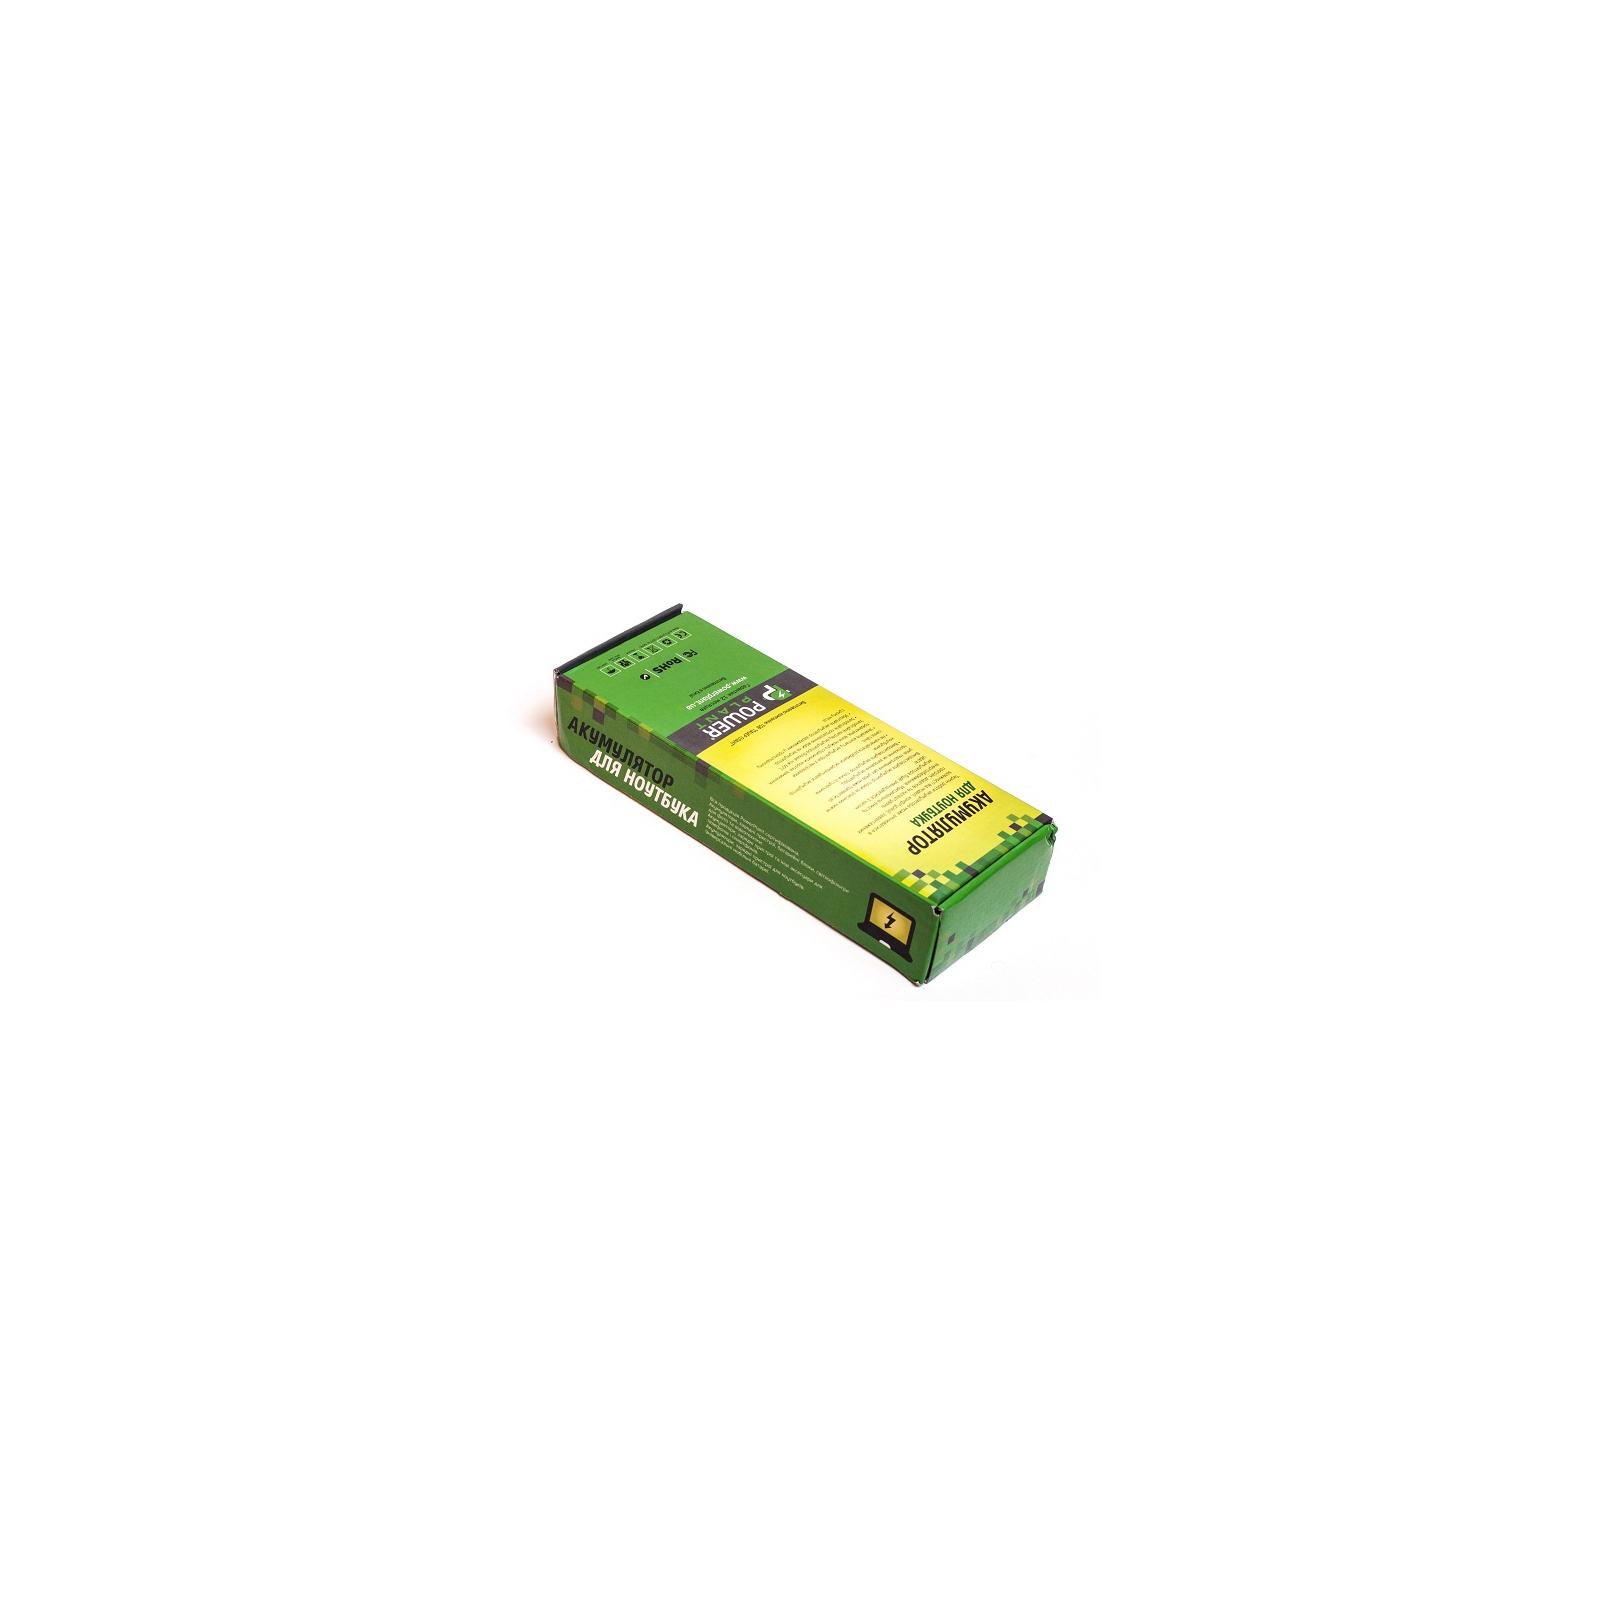 Аккумулятор для ноутбука ASUS A43 A53 (A32-K53) 11.1V 5200mAh PowerPlant (NB00000013) изображение 2